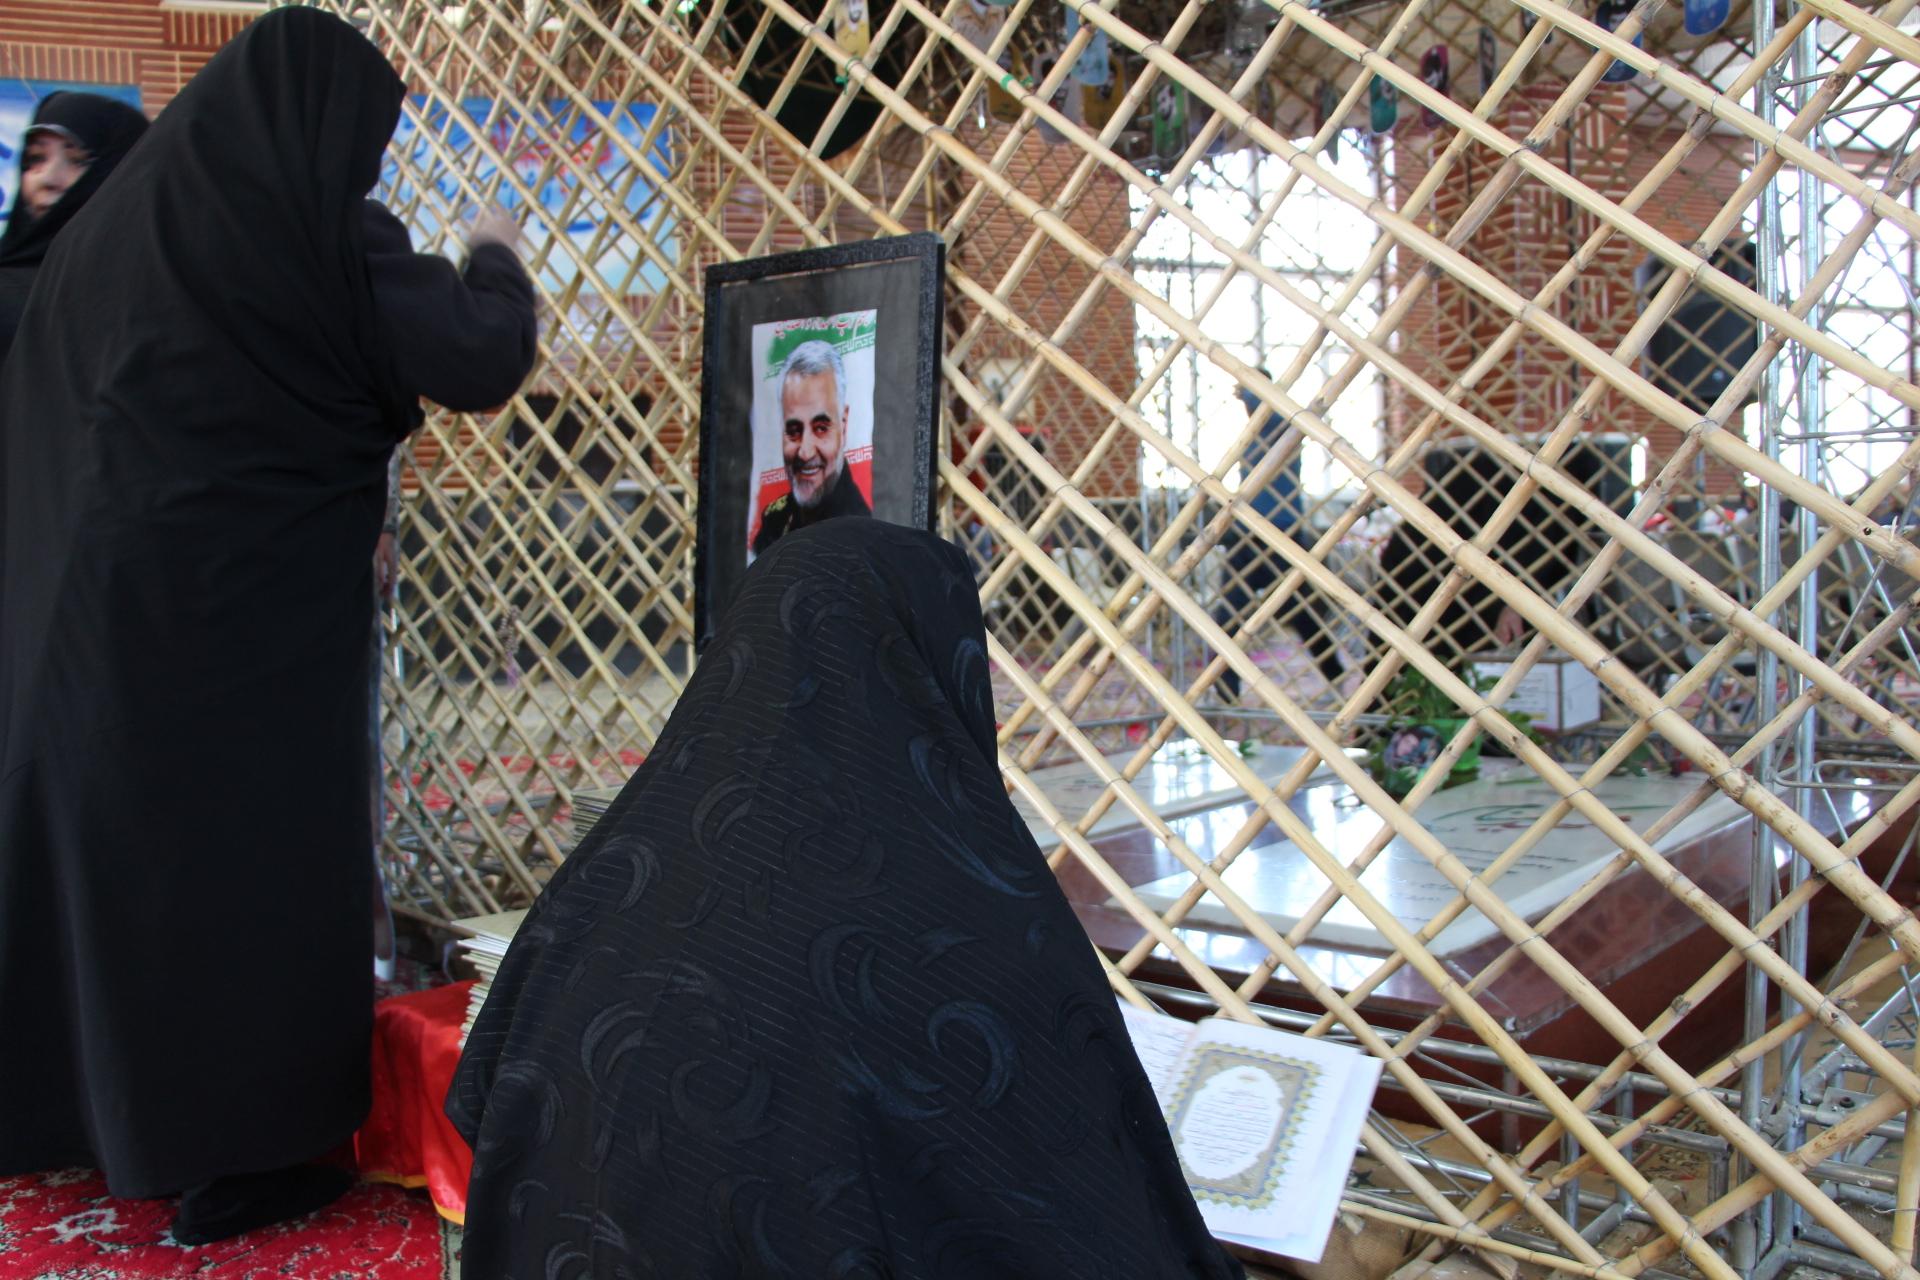 حجتالاسلام جوکار: هر مادر شهید مظهر یک کتاب زندگی است